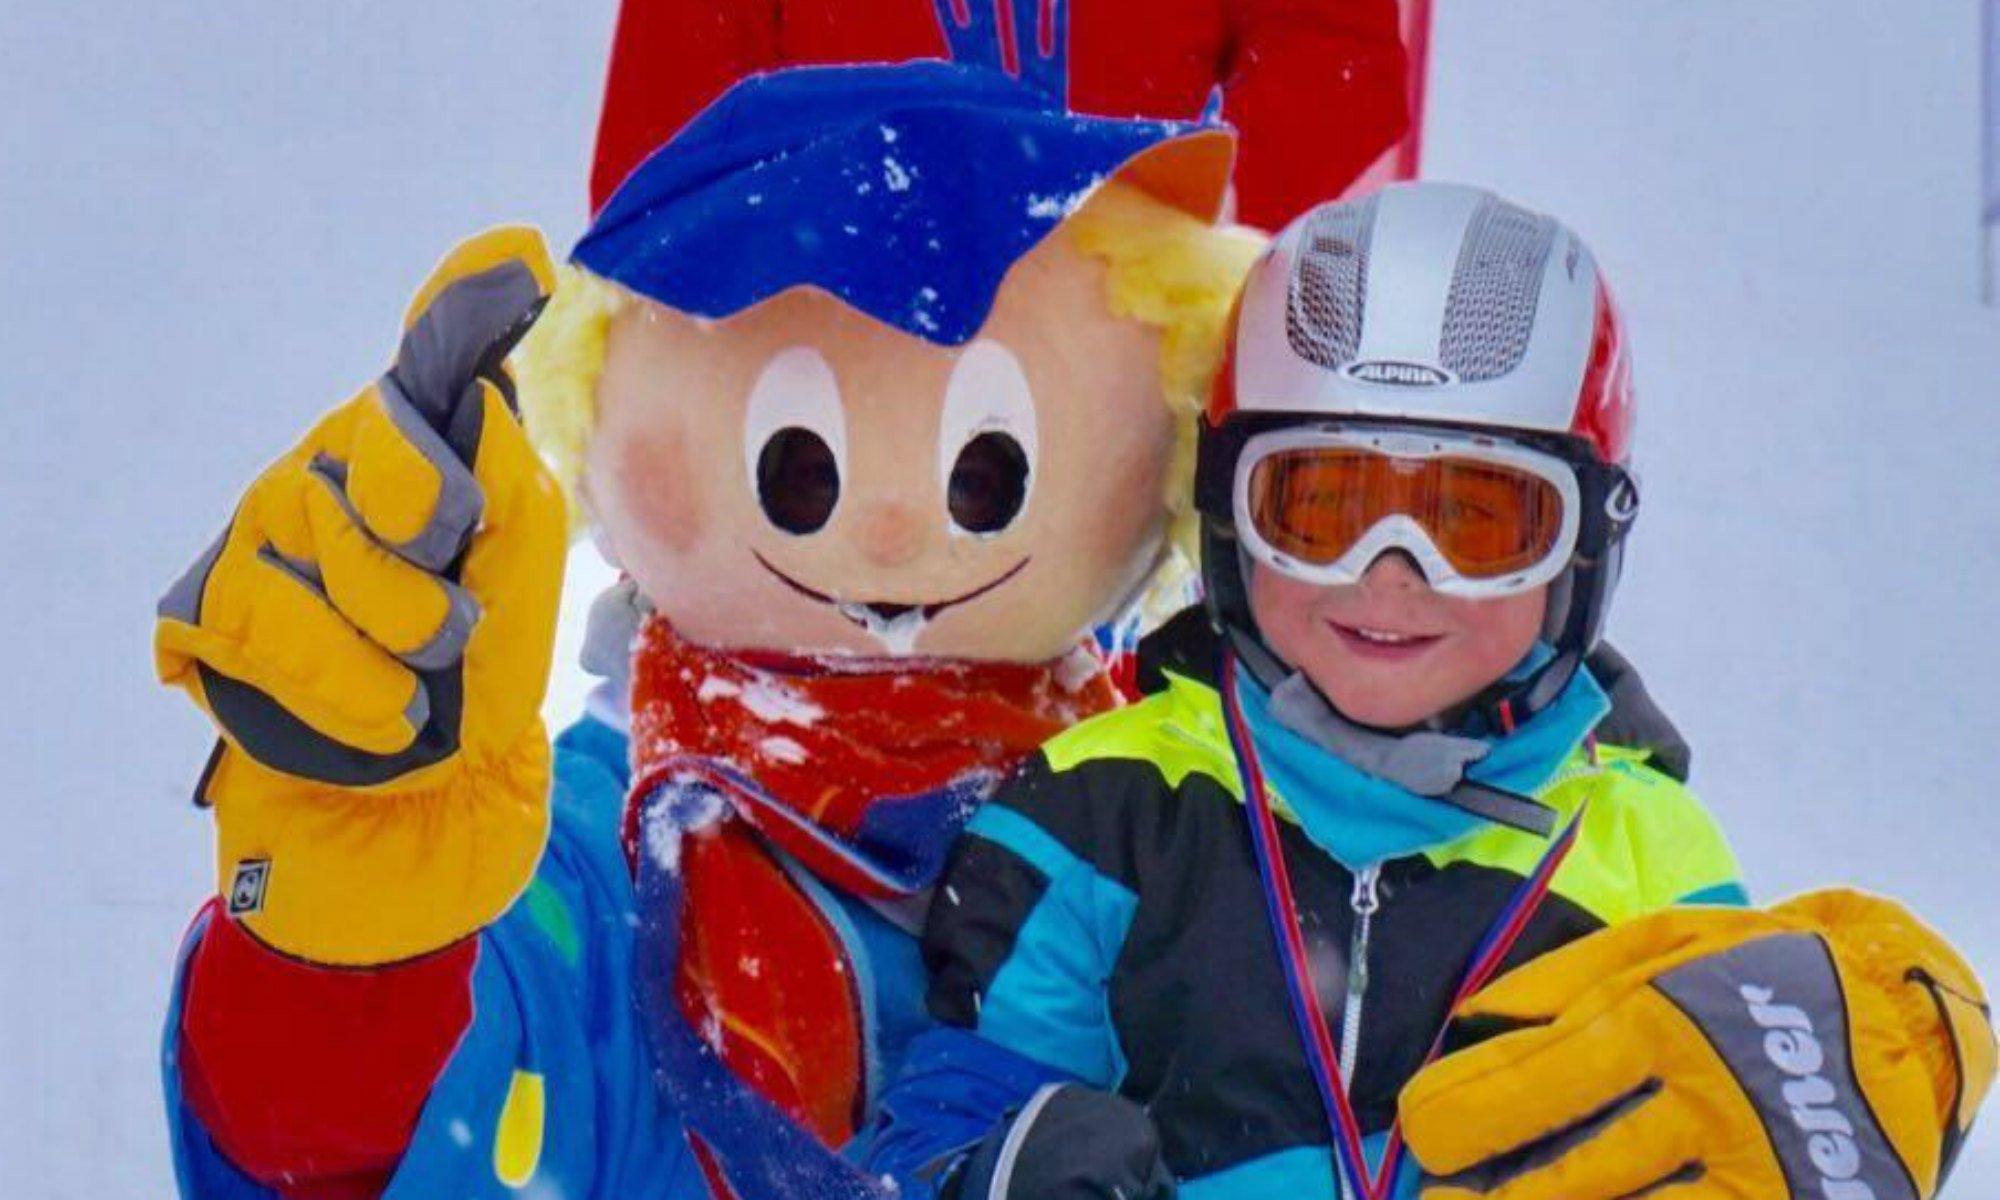 Das Maskottchen Snuki sorgt im Kinderland in Bayrischzell immer für Spaß.